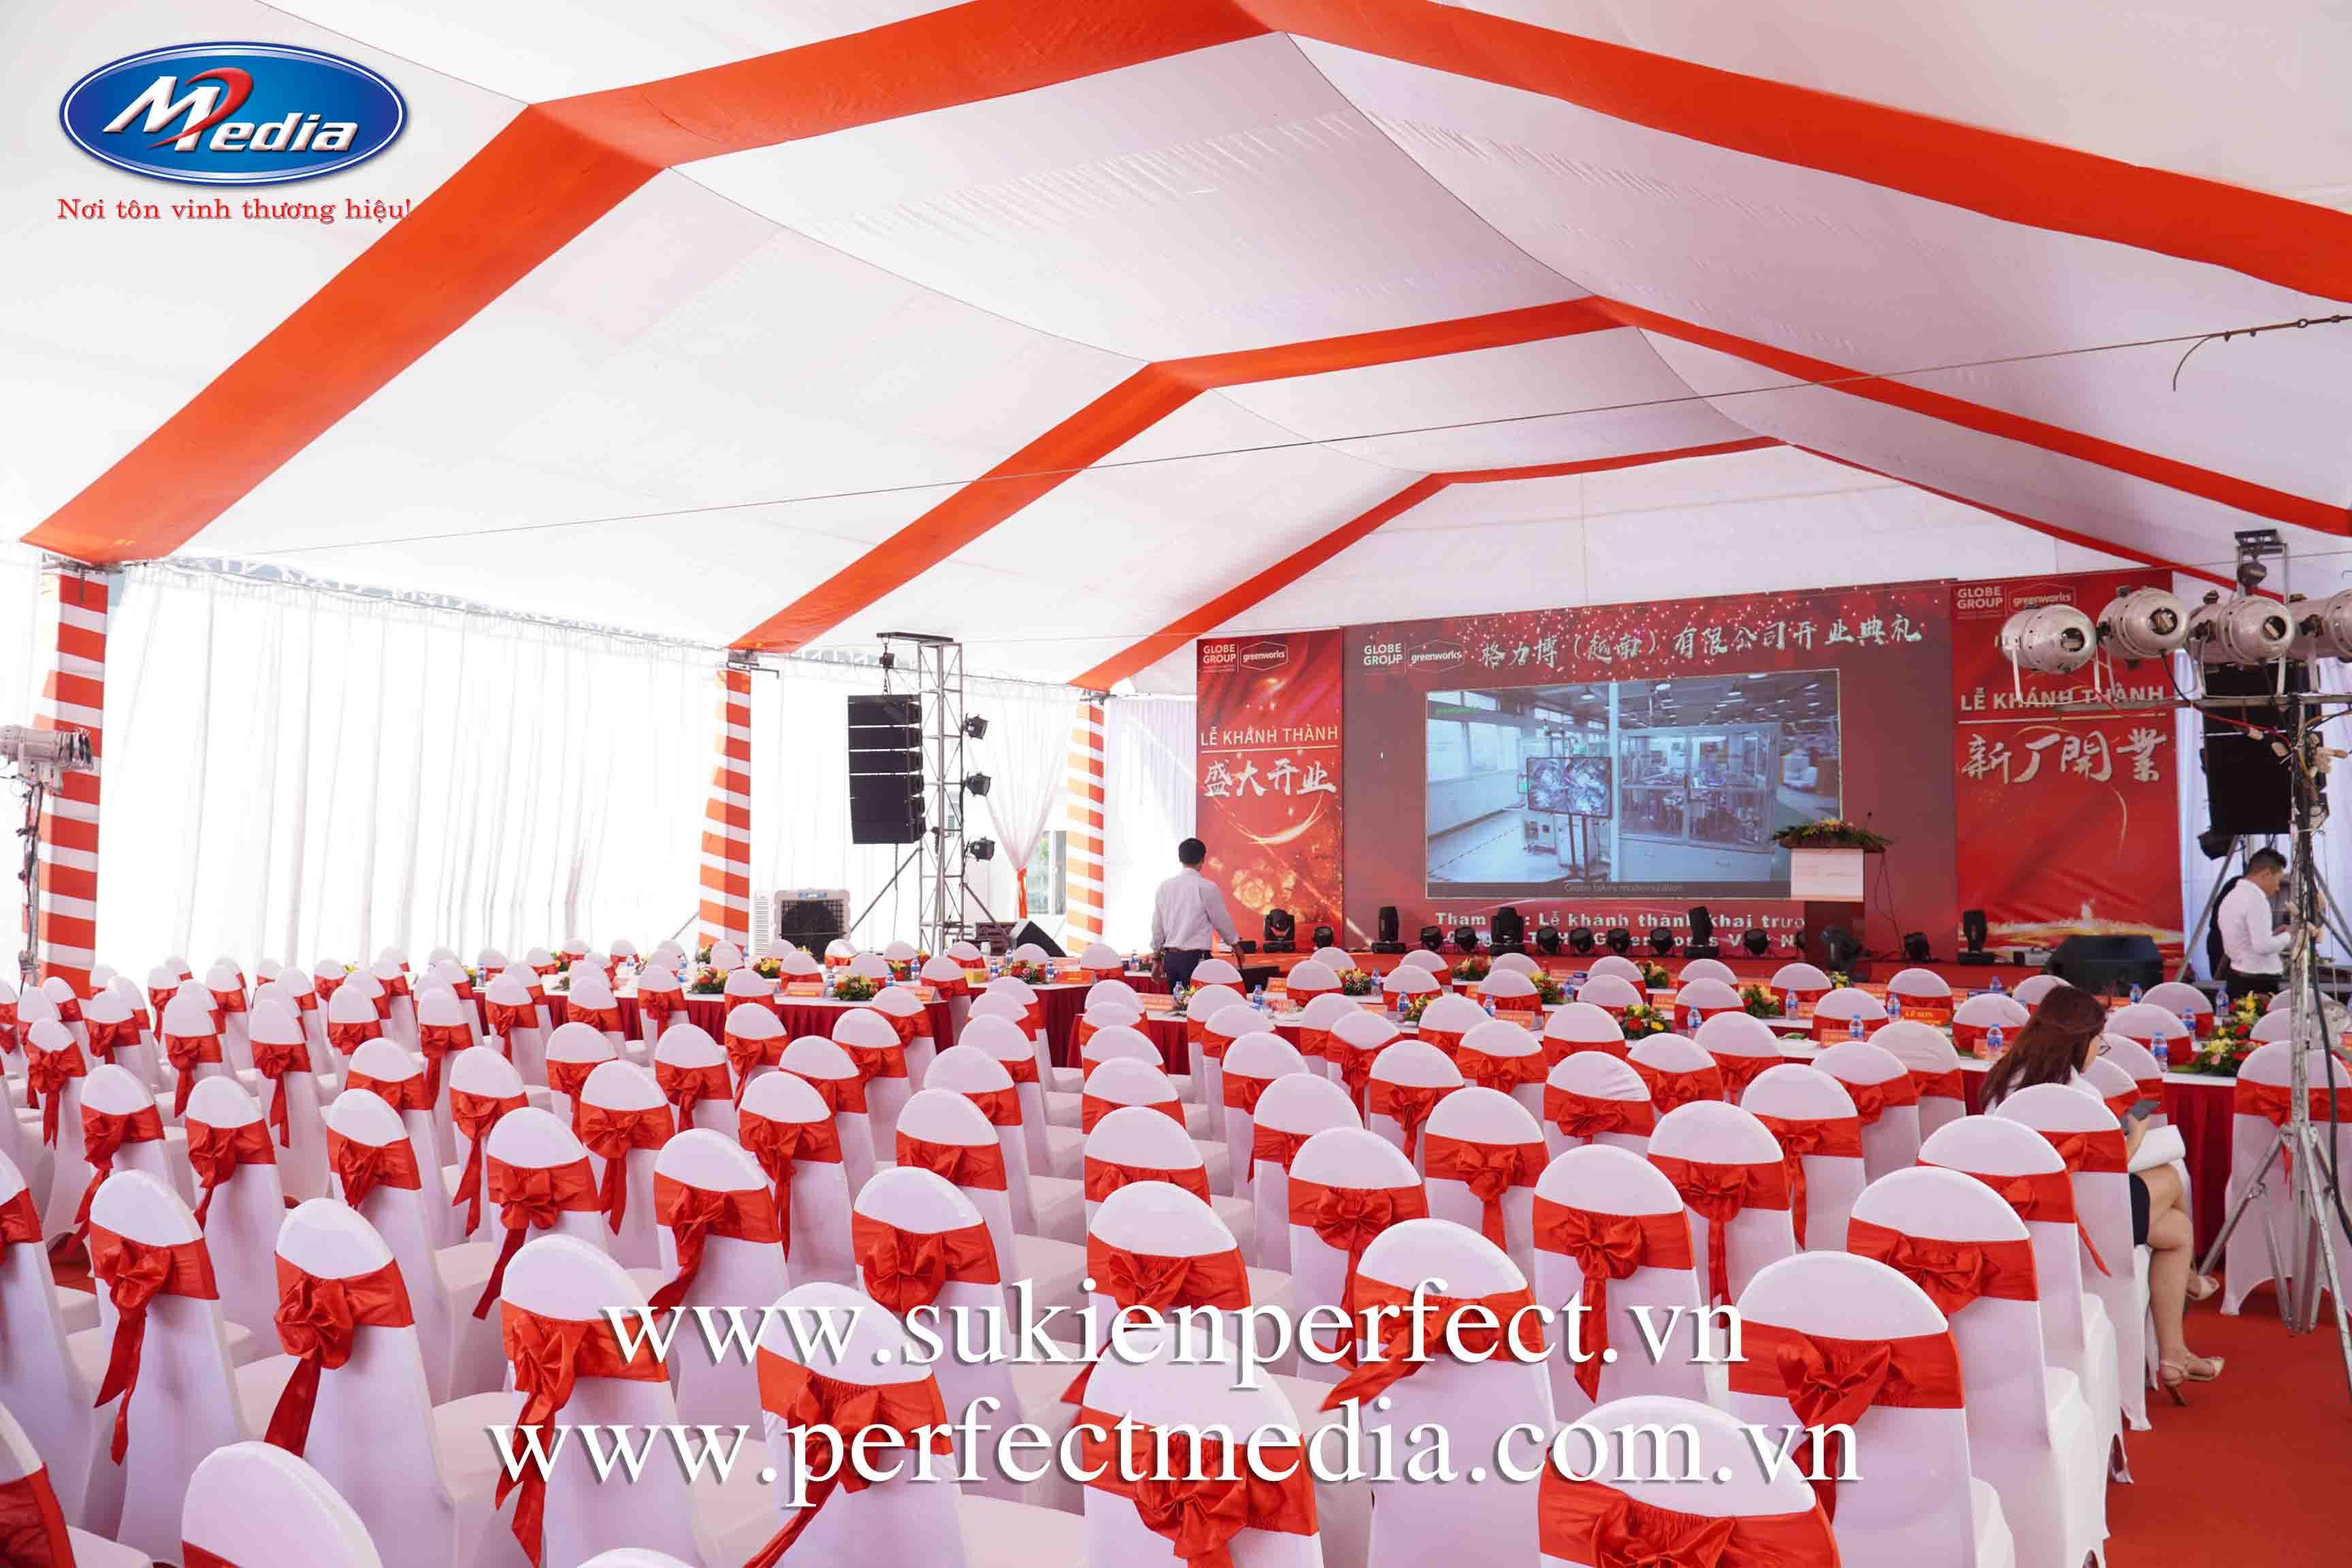 sự kiện chuyên nghiệp tiêu biểu của đơn vị chúng tôi đã tổ chức cho khách hàng tại Hải Dương